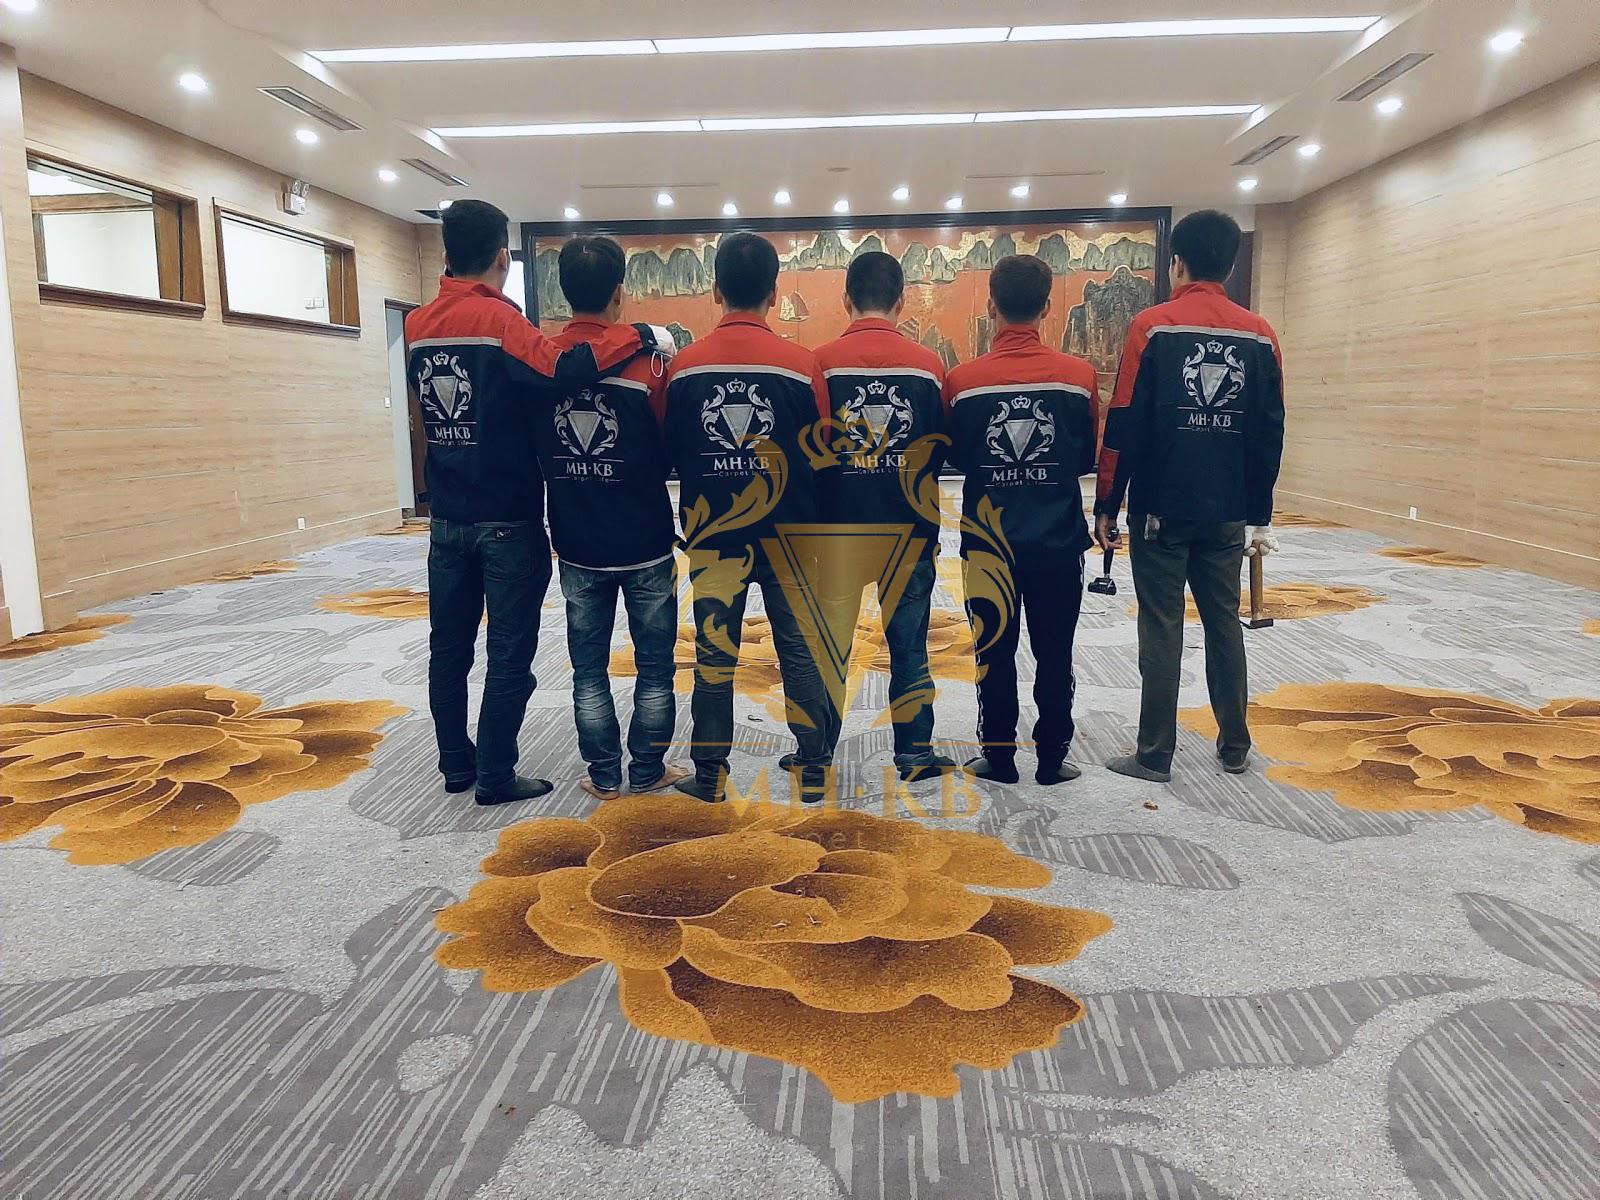 Đội ngũ thợ thi công của MHKB